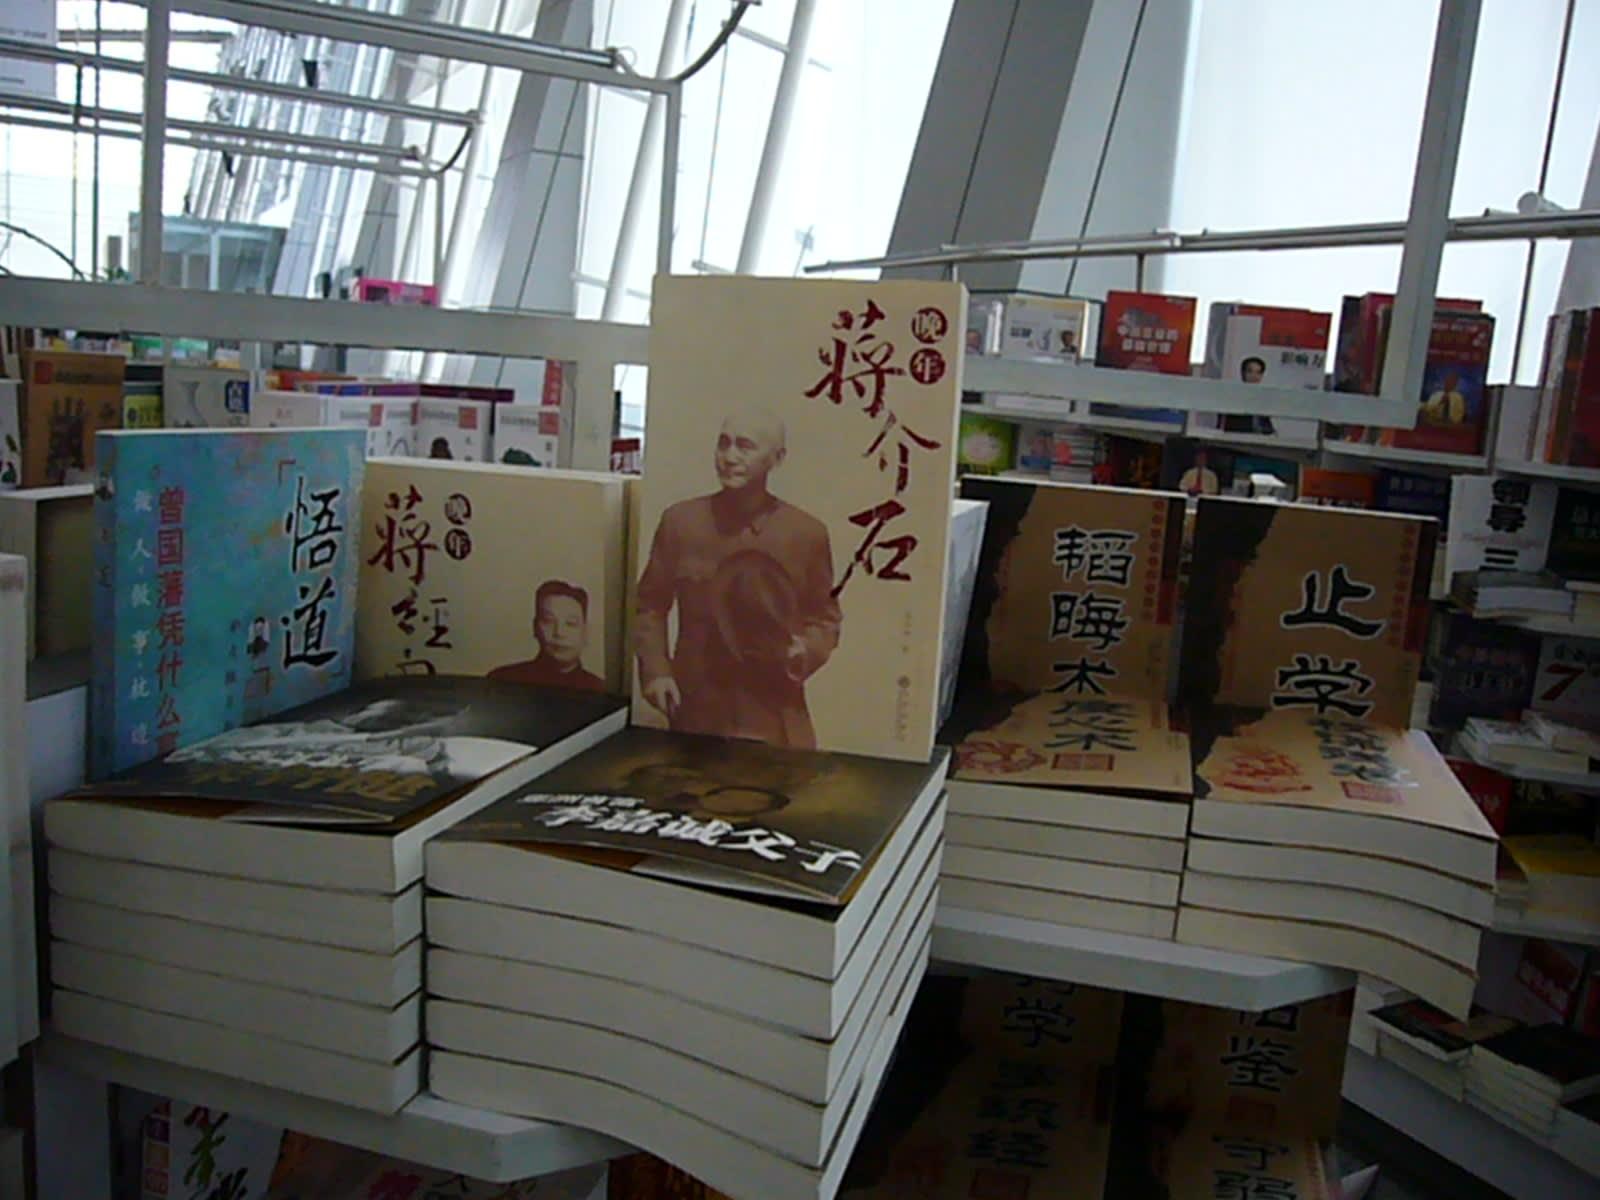 「鄭成功」「八田與一」「蒋介石 ...